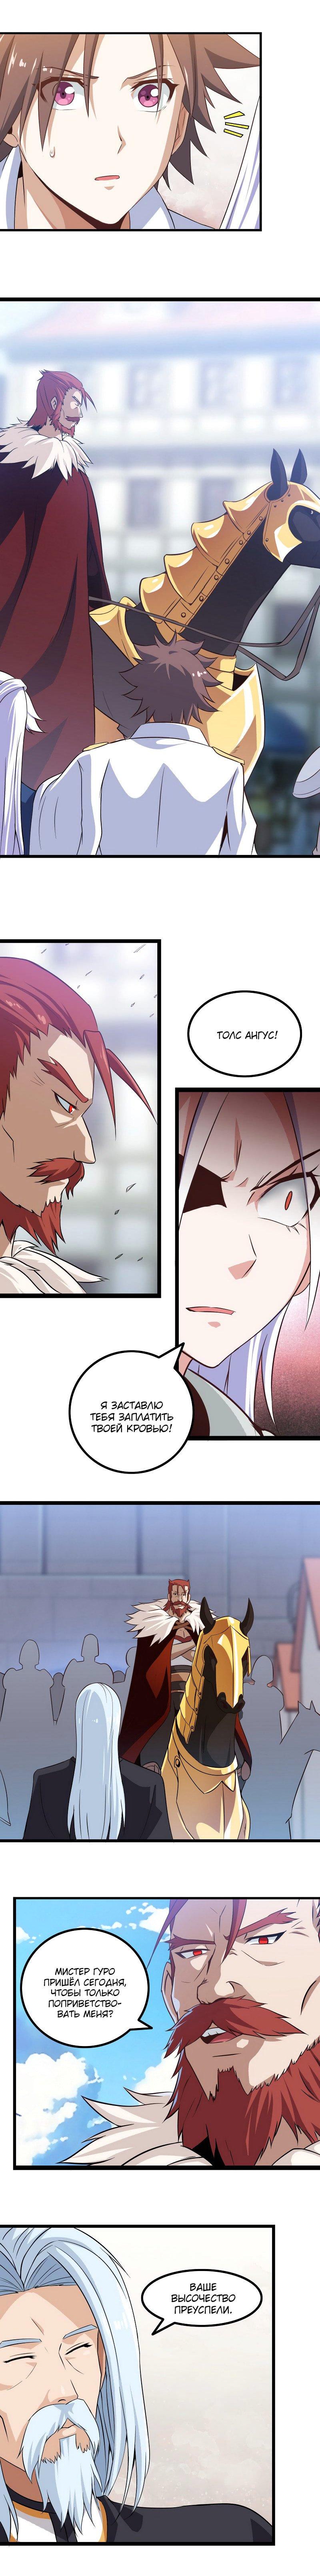 Манга Моя жена — королева демонов / My Wife is a Demon Queen  - Том 1 Глава 8 Страница 5